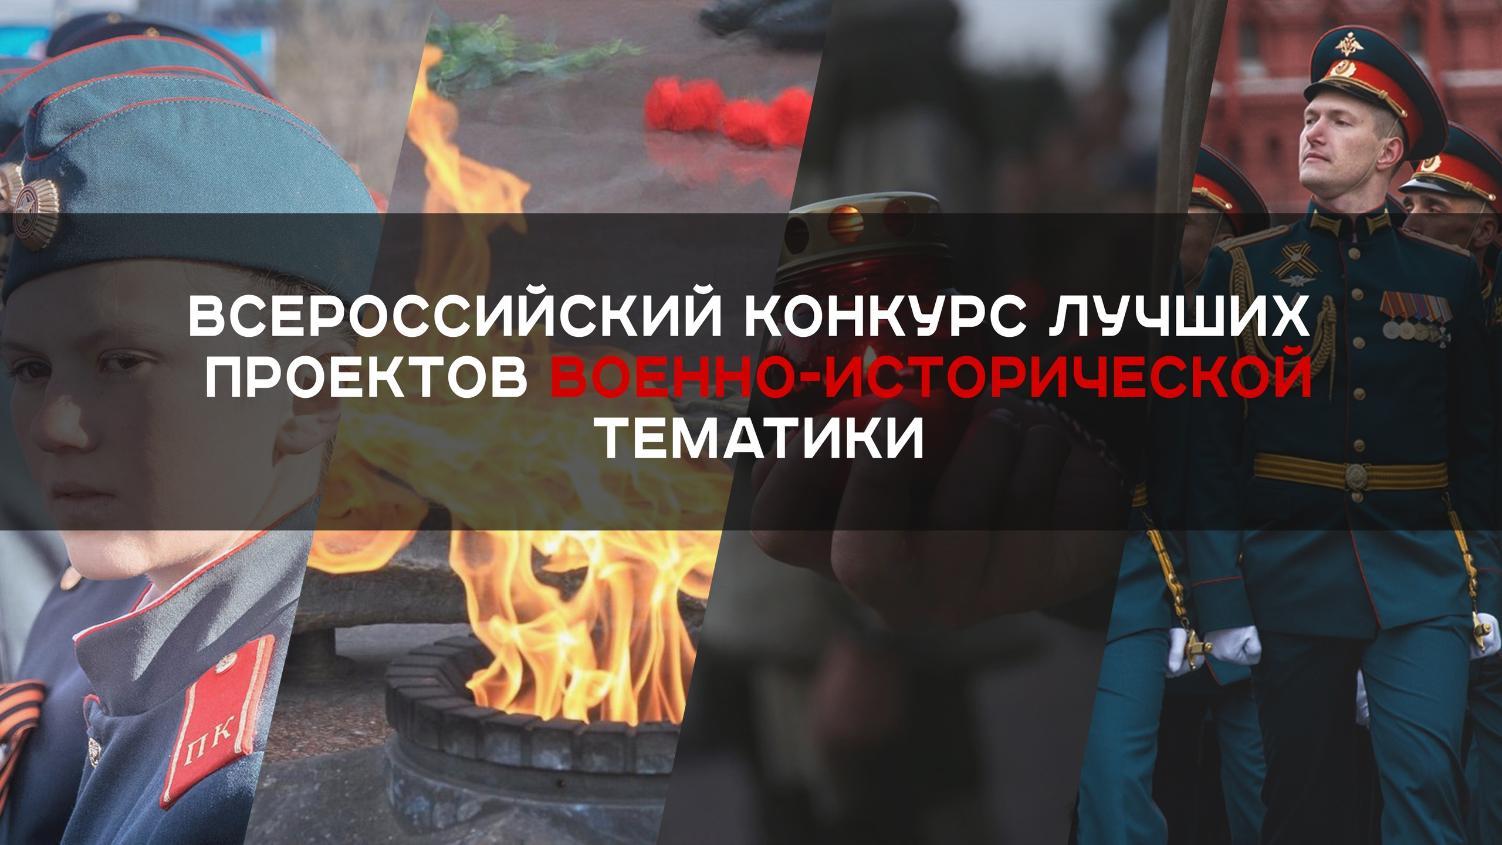 Стартовал Всероссийский конкурс лучших проектов военно-исторической тематики